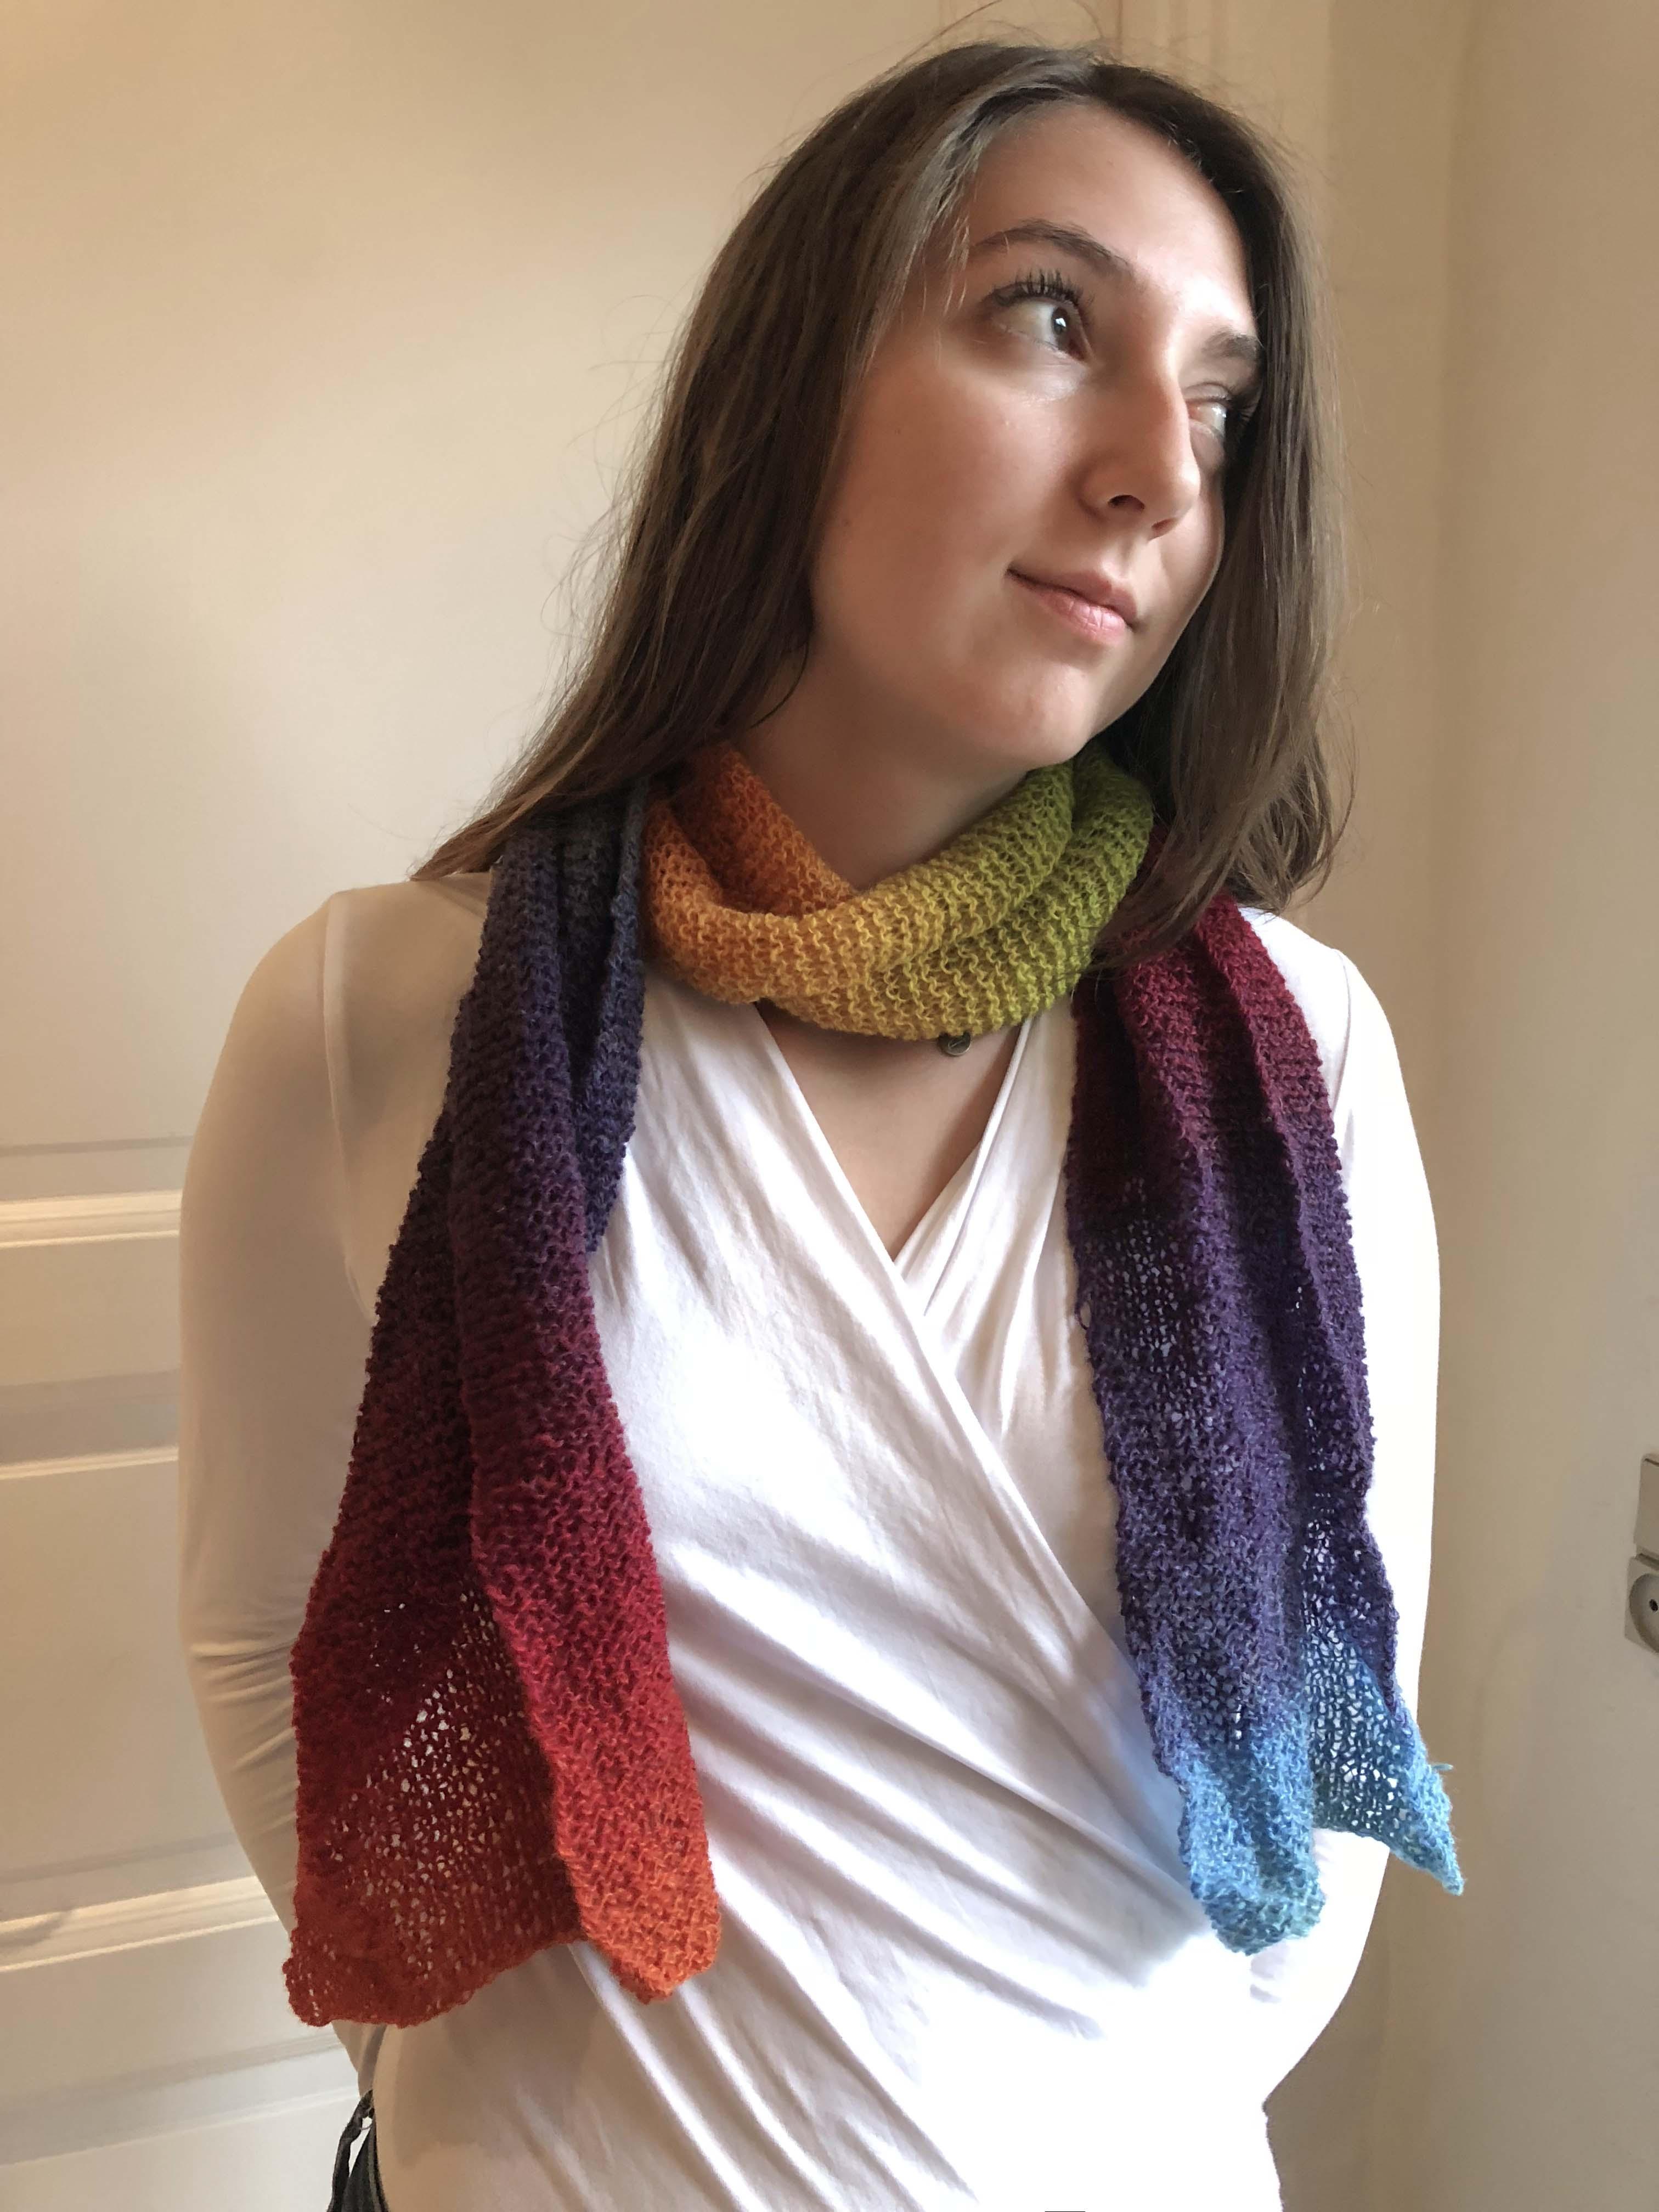 Smart tørklæde strikket i multifarvet tyndt uldgarn i nuancerne blå, lilla, rød, orange, gul og grøni nuancerne